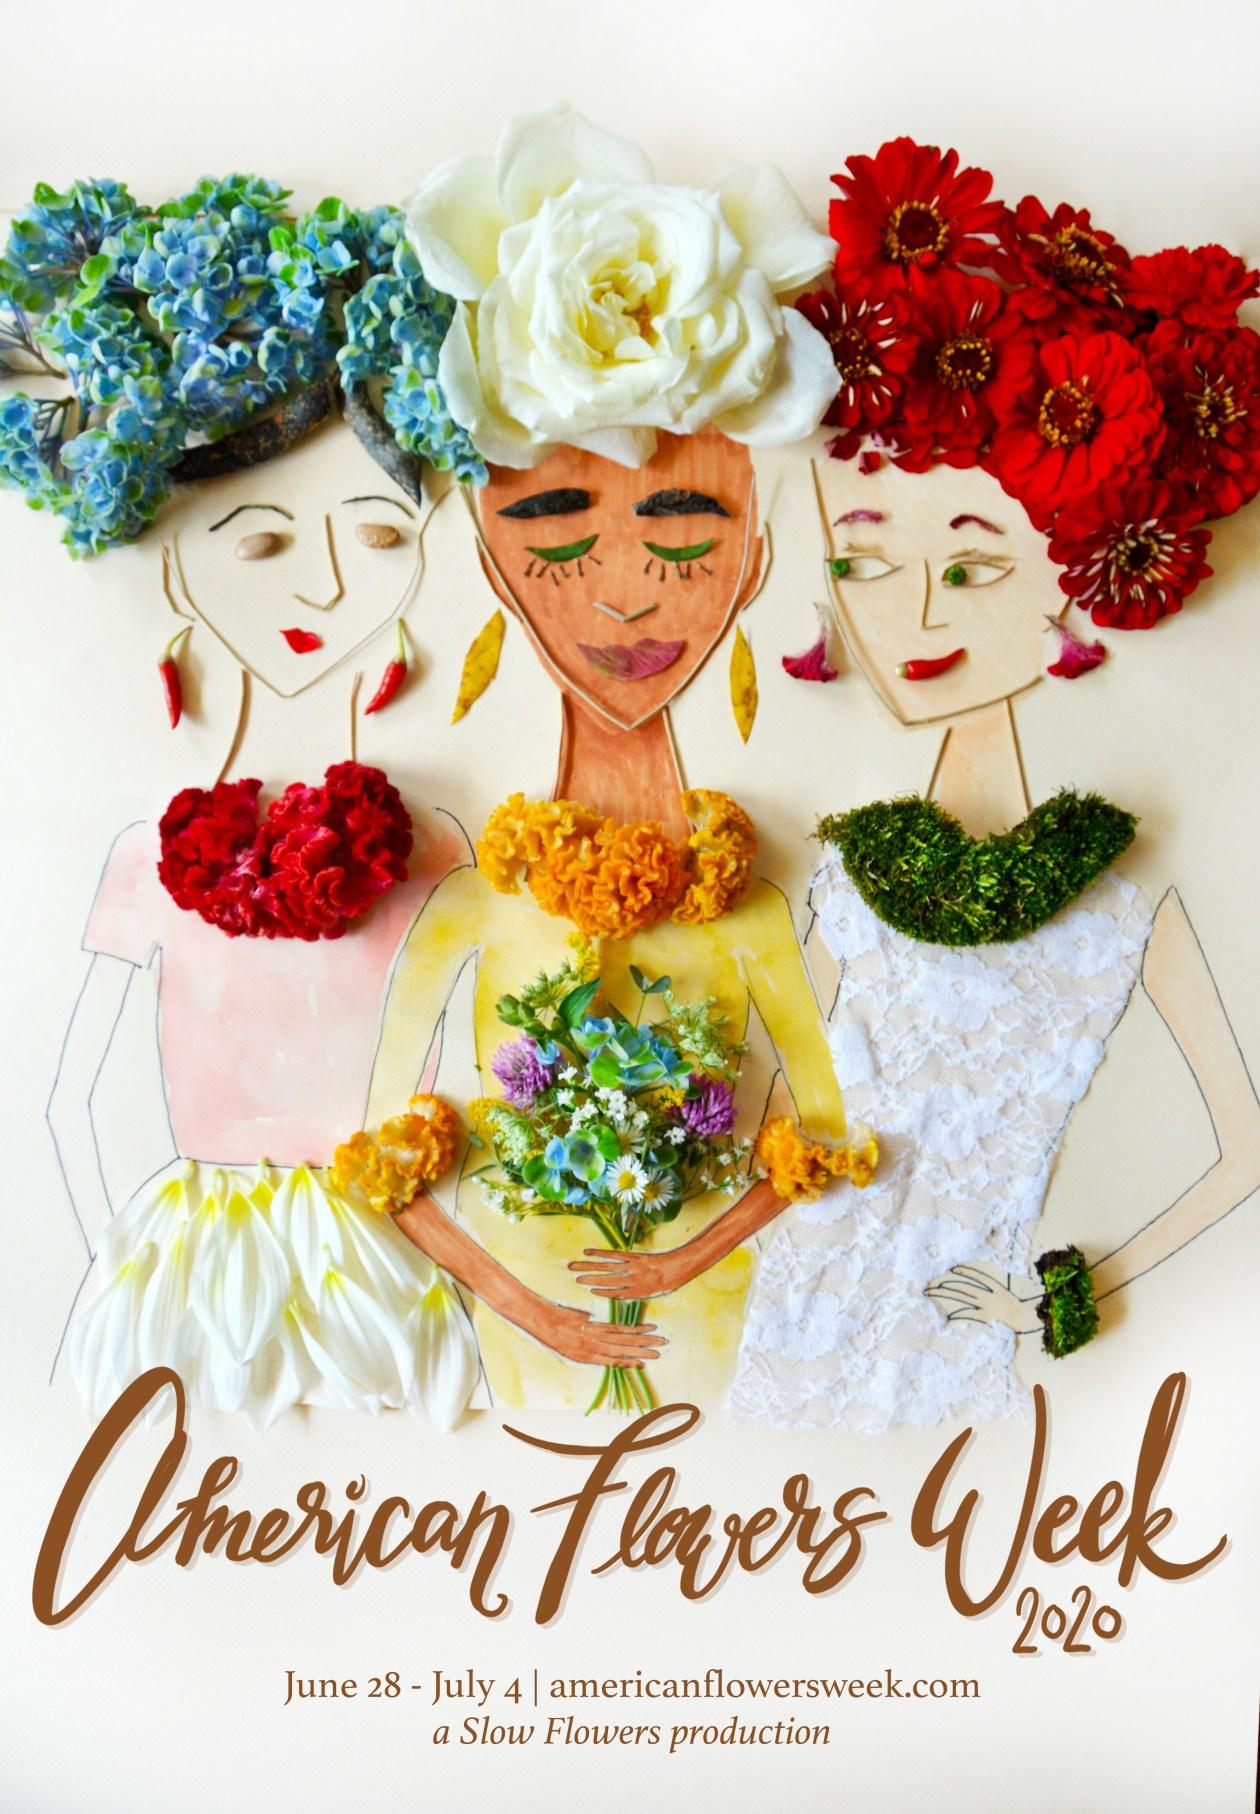 American Flowers Week 2020